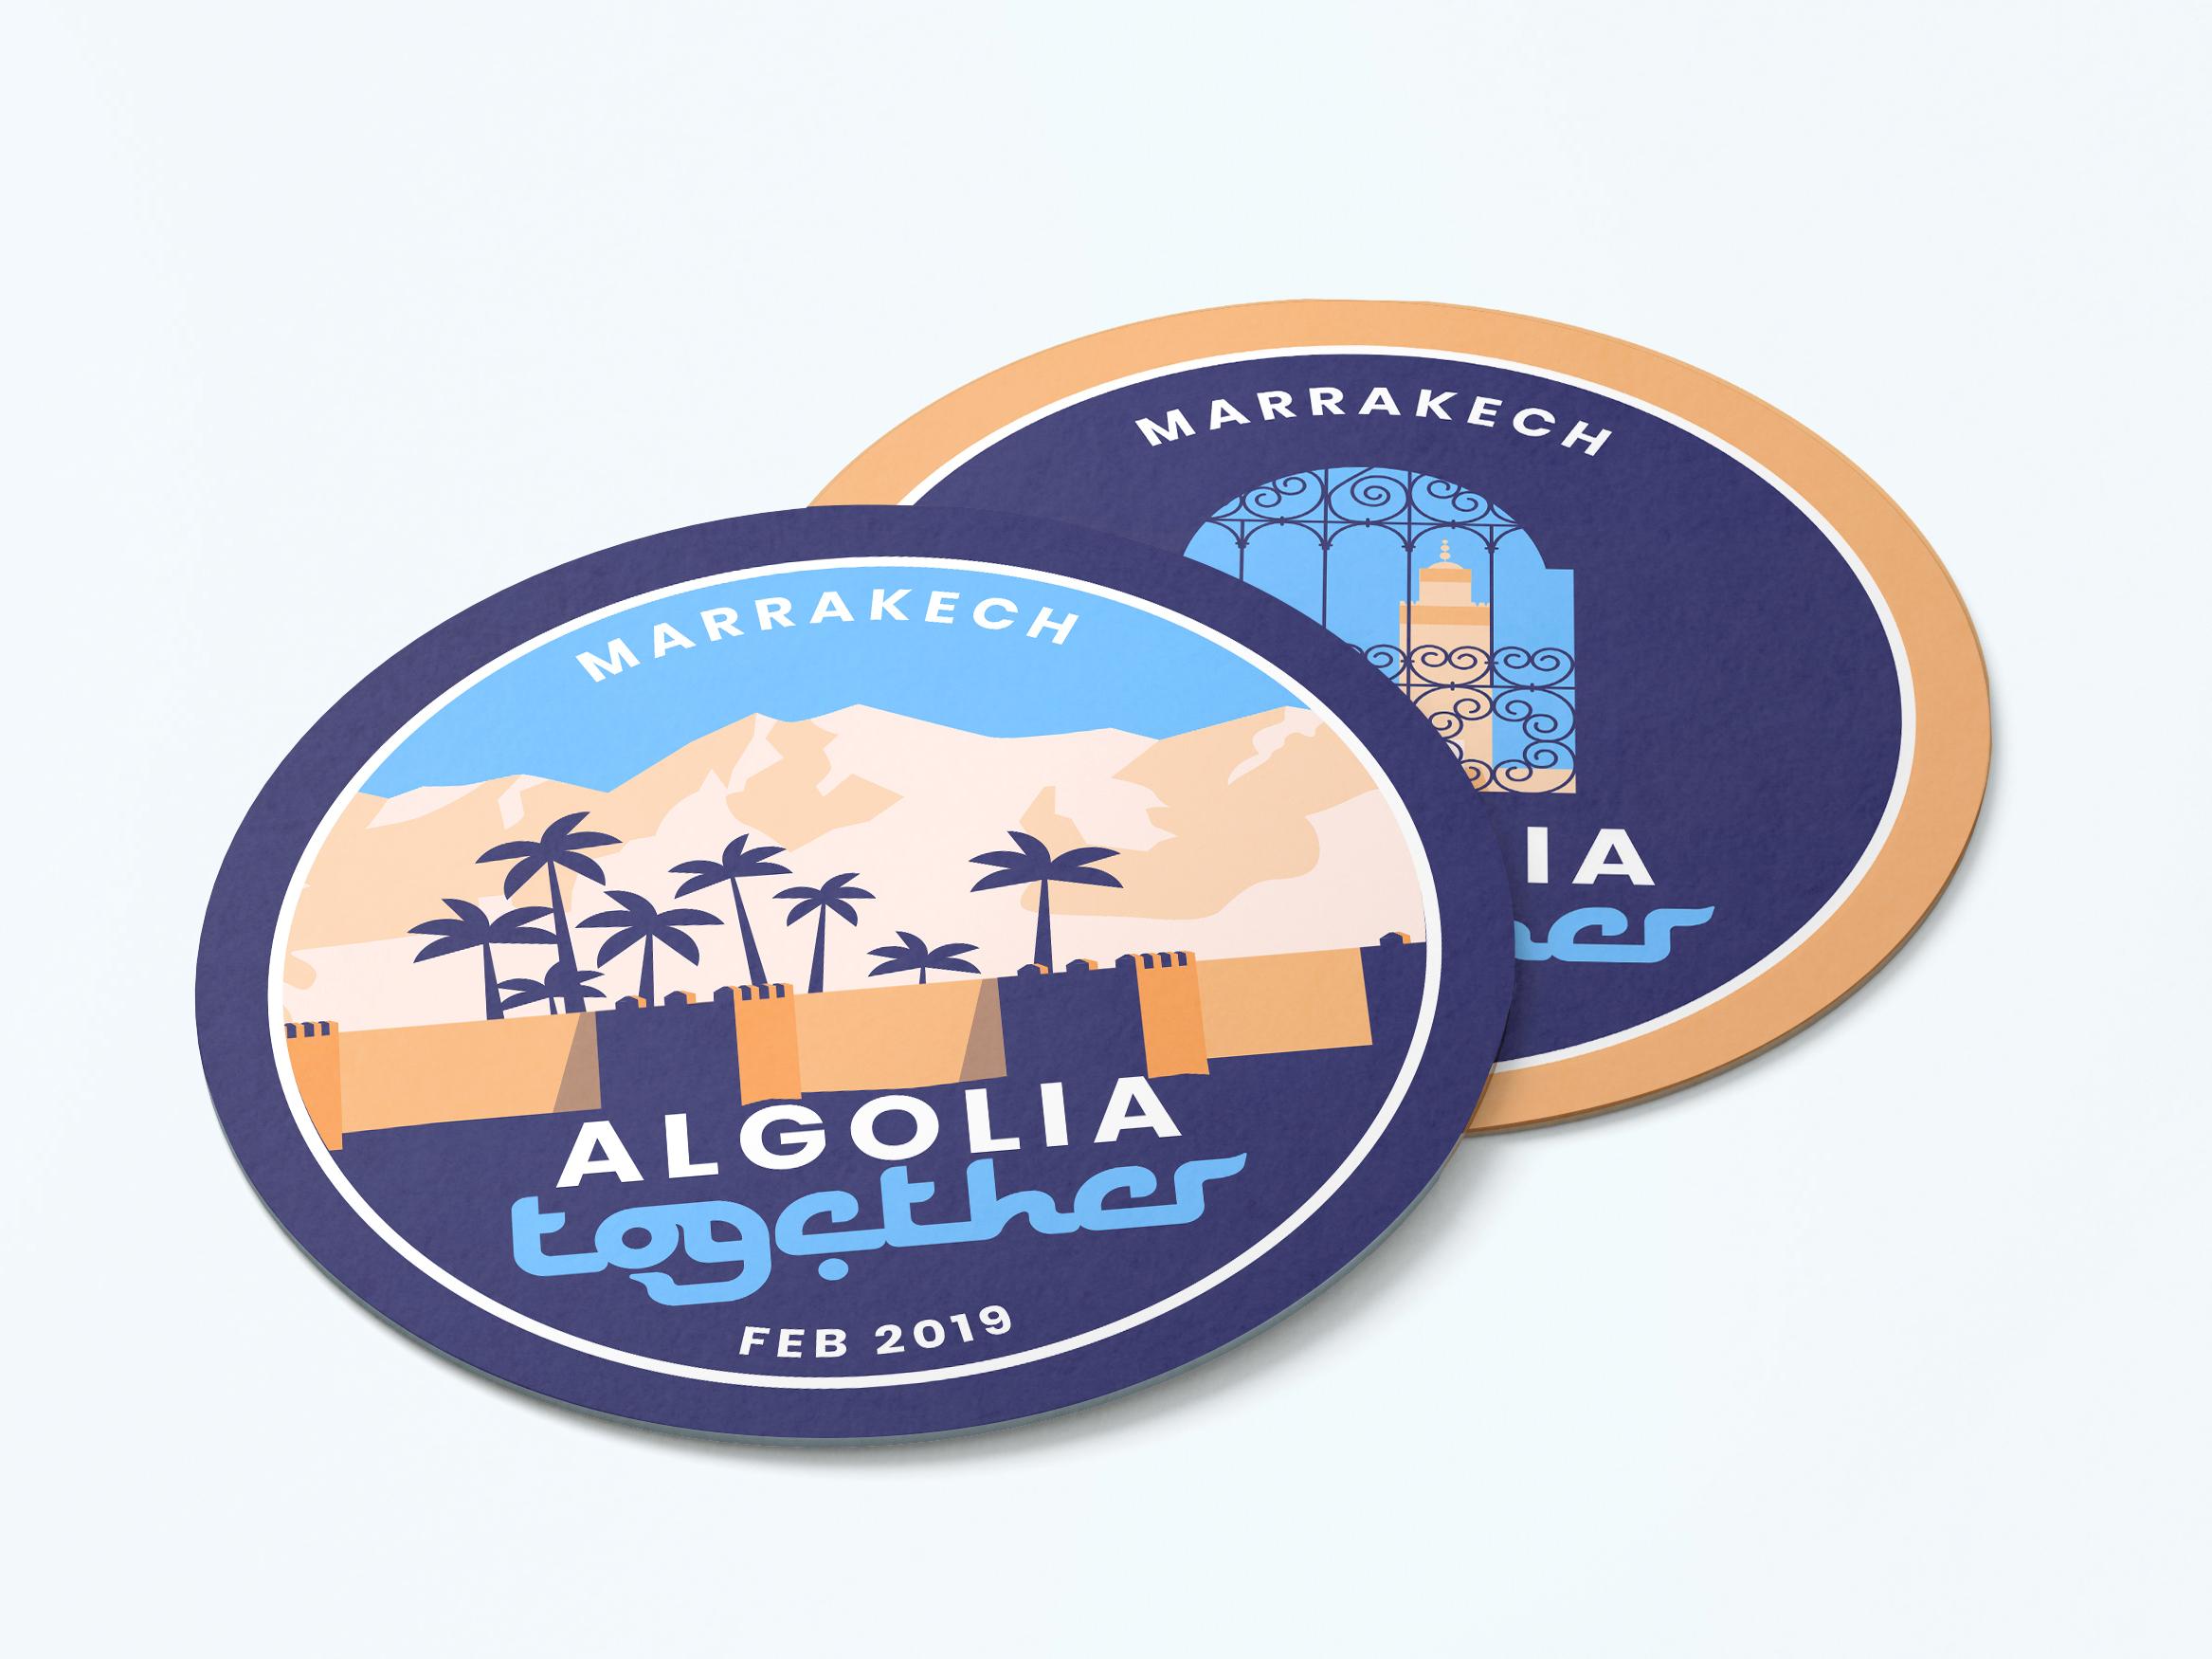 Algolia coasters